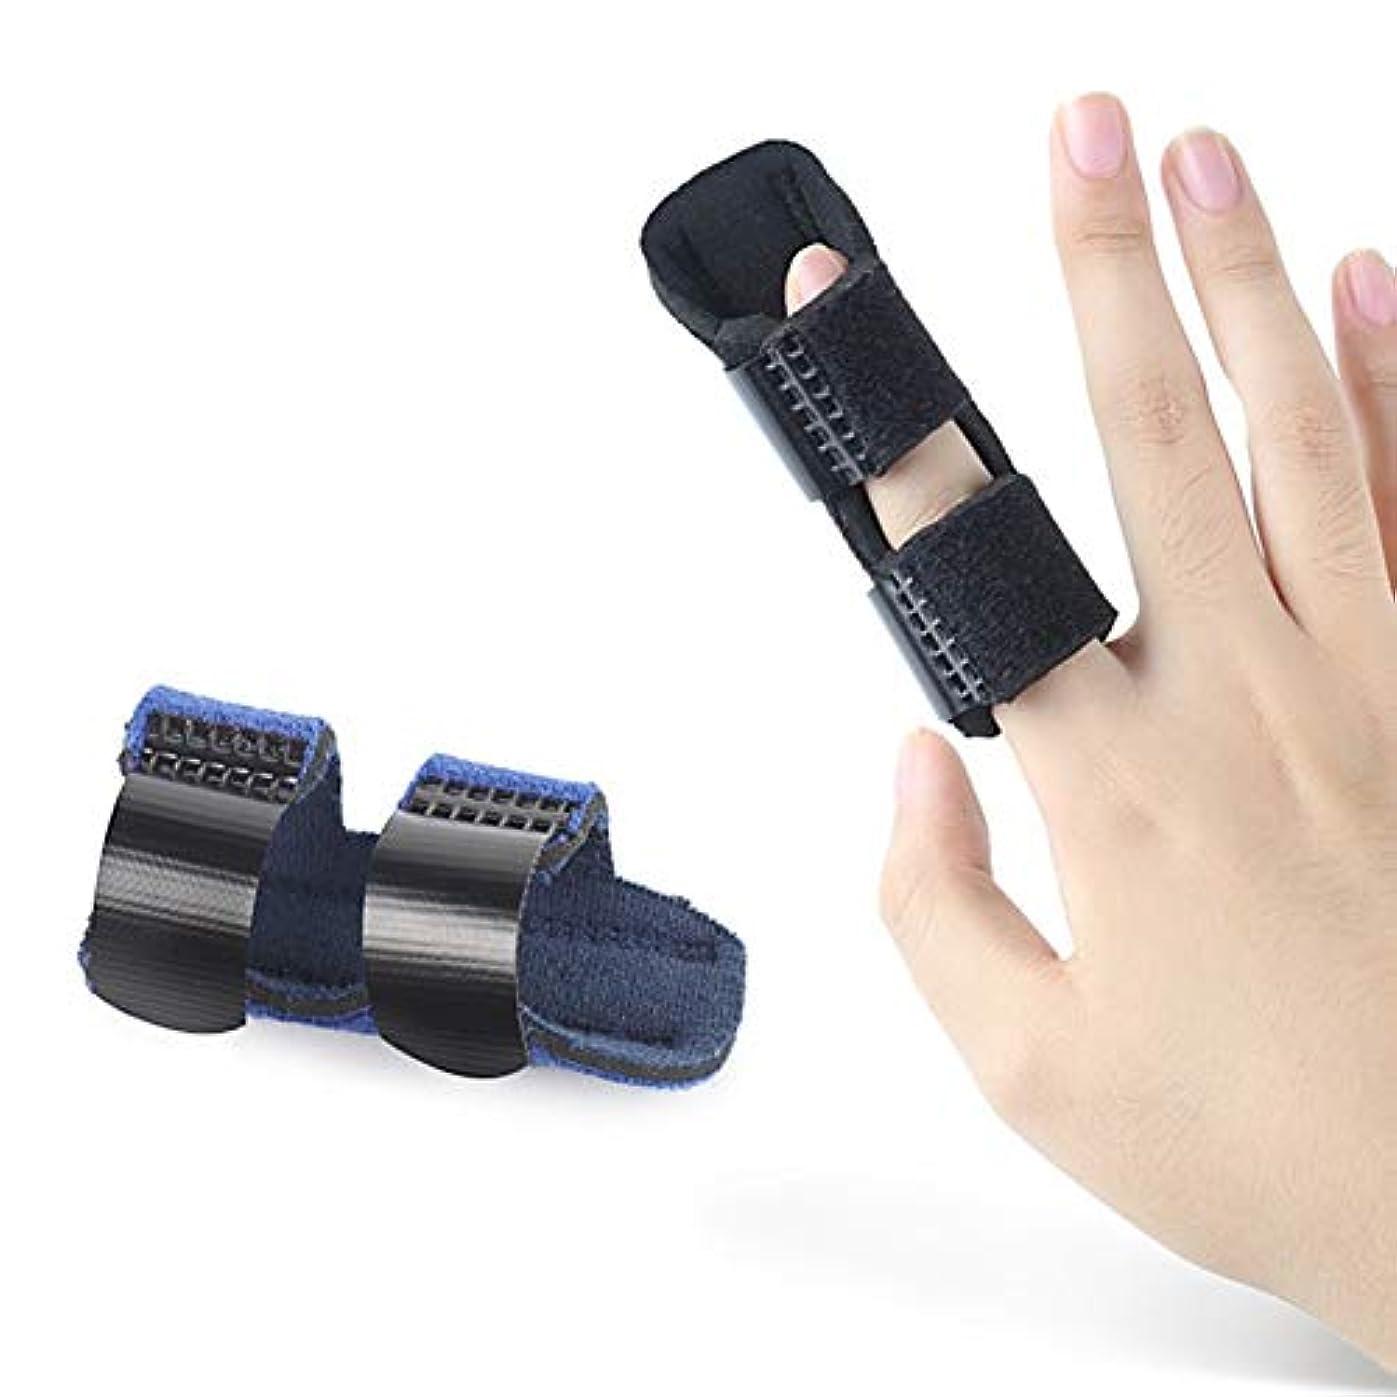 口述重荷預言者スプリント、指セパレーター、固定指関節、捻挫、株、関節炎、手根管トリガー親指固定フィンガー - リストストラップ - 左または右の手 (Color : 青)